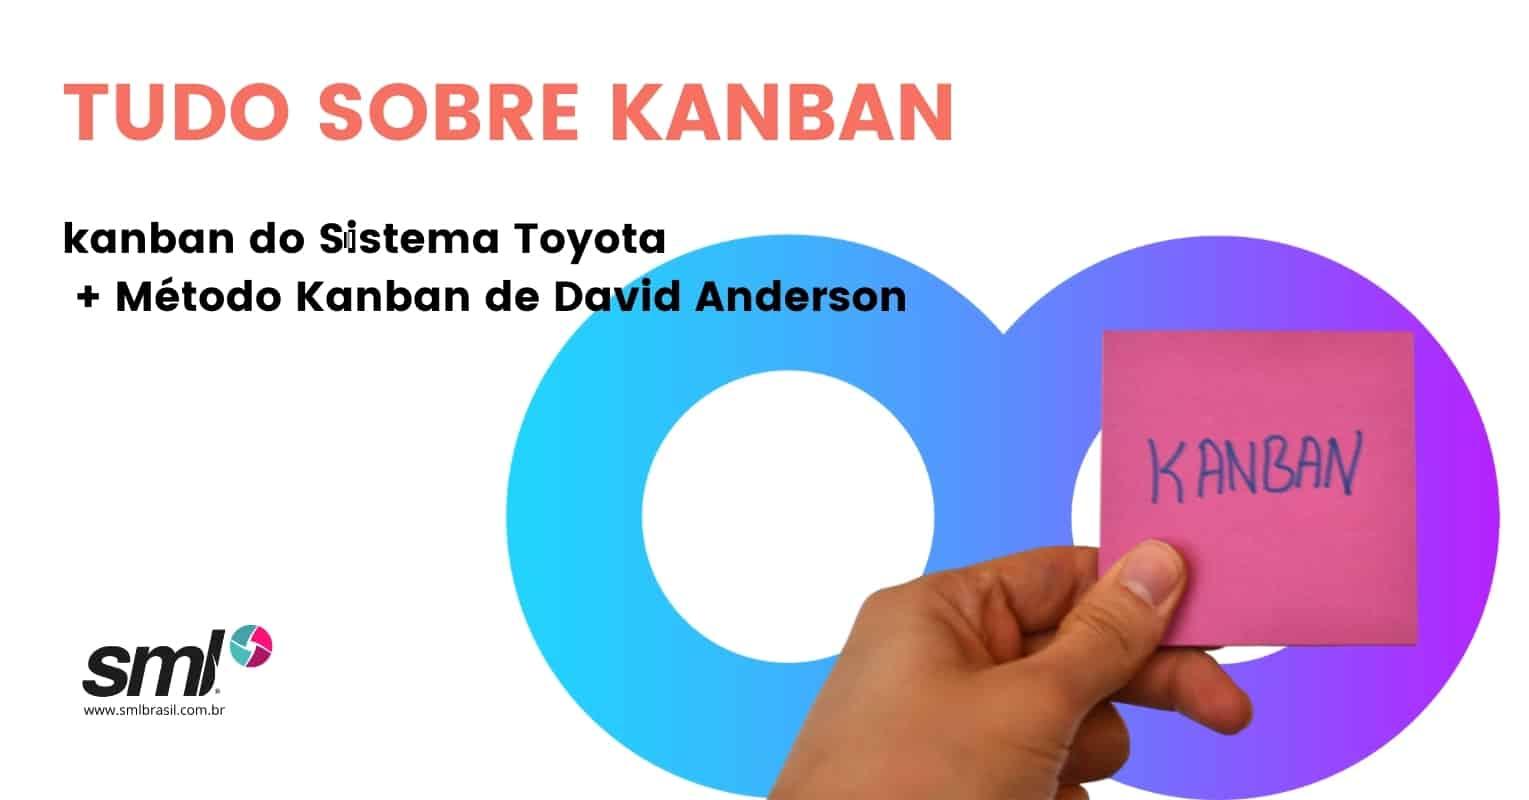 [BANNER] Kanban_ 5 boas práticas desse método de trabalho